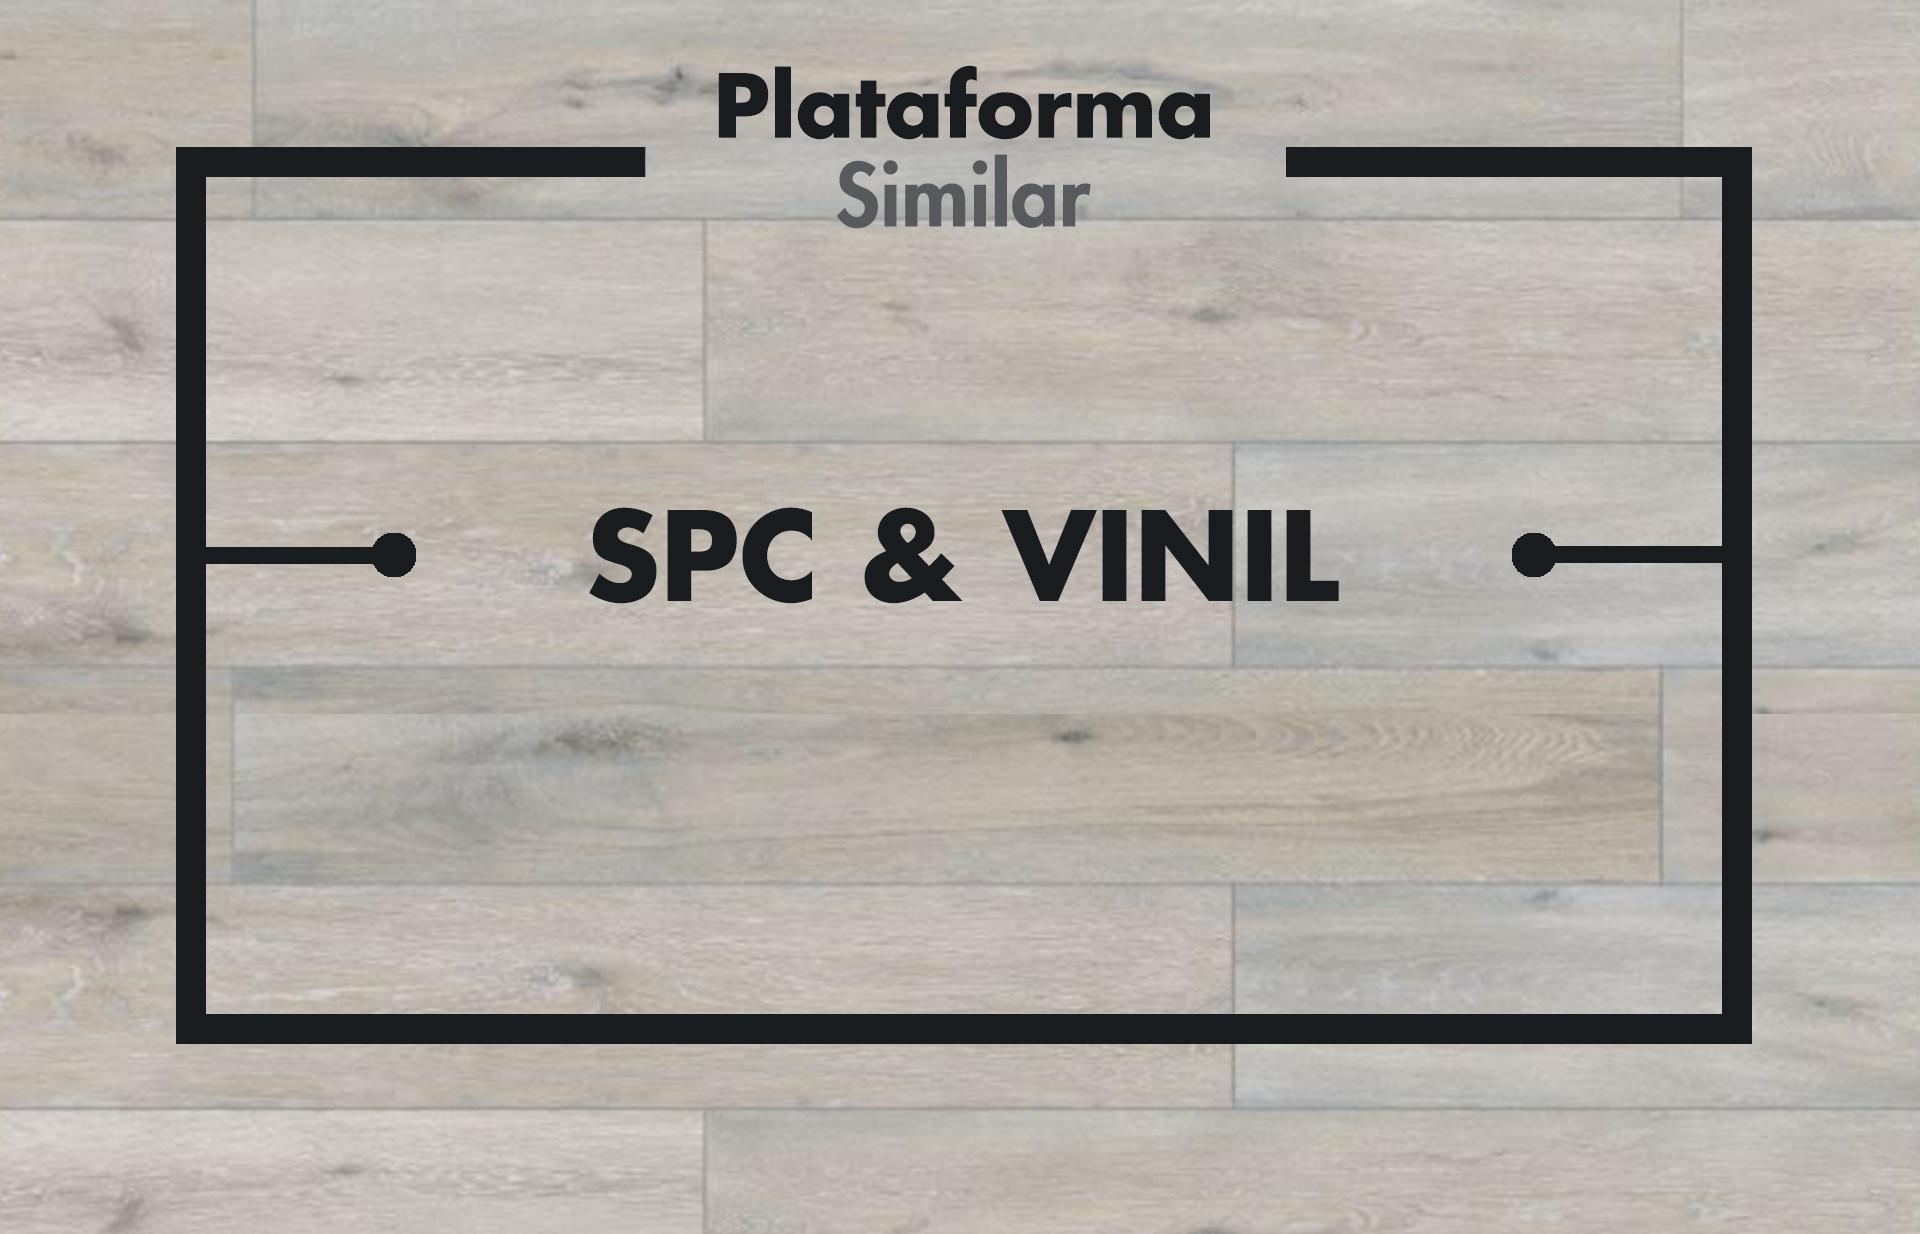 spc & vinil